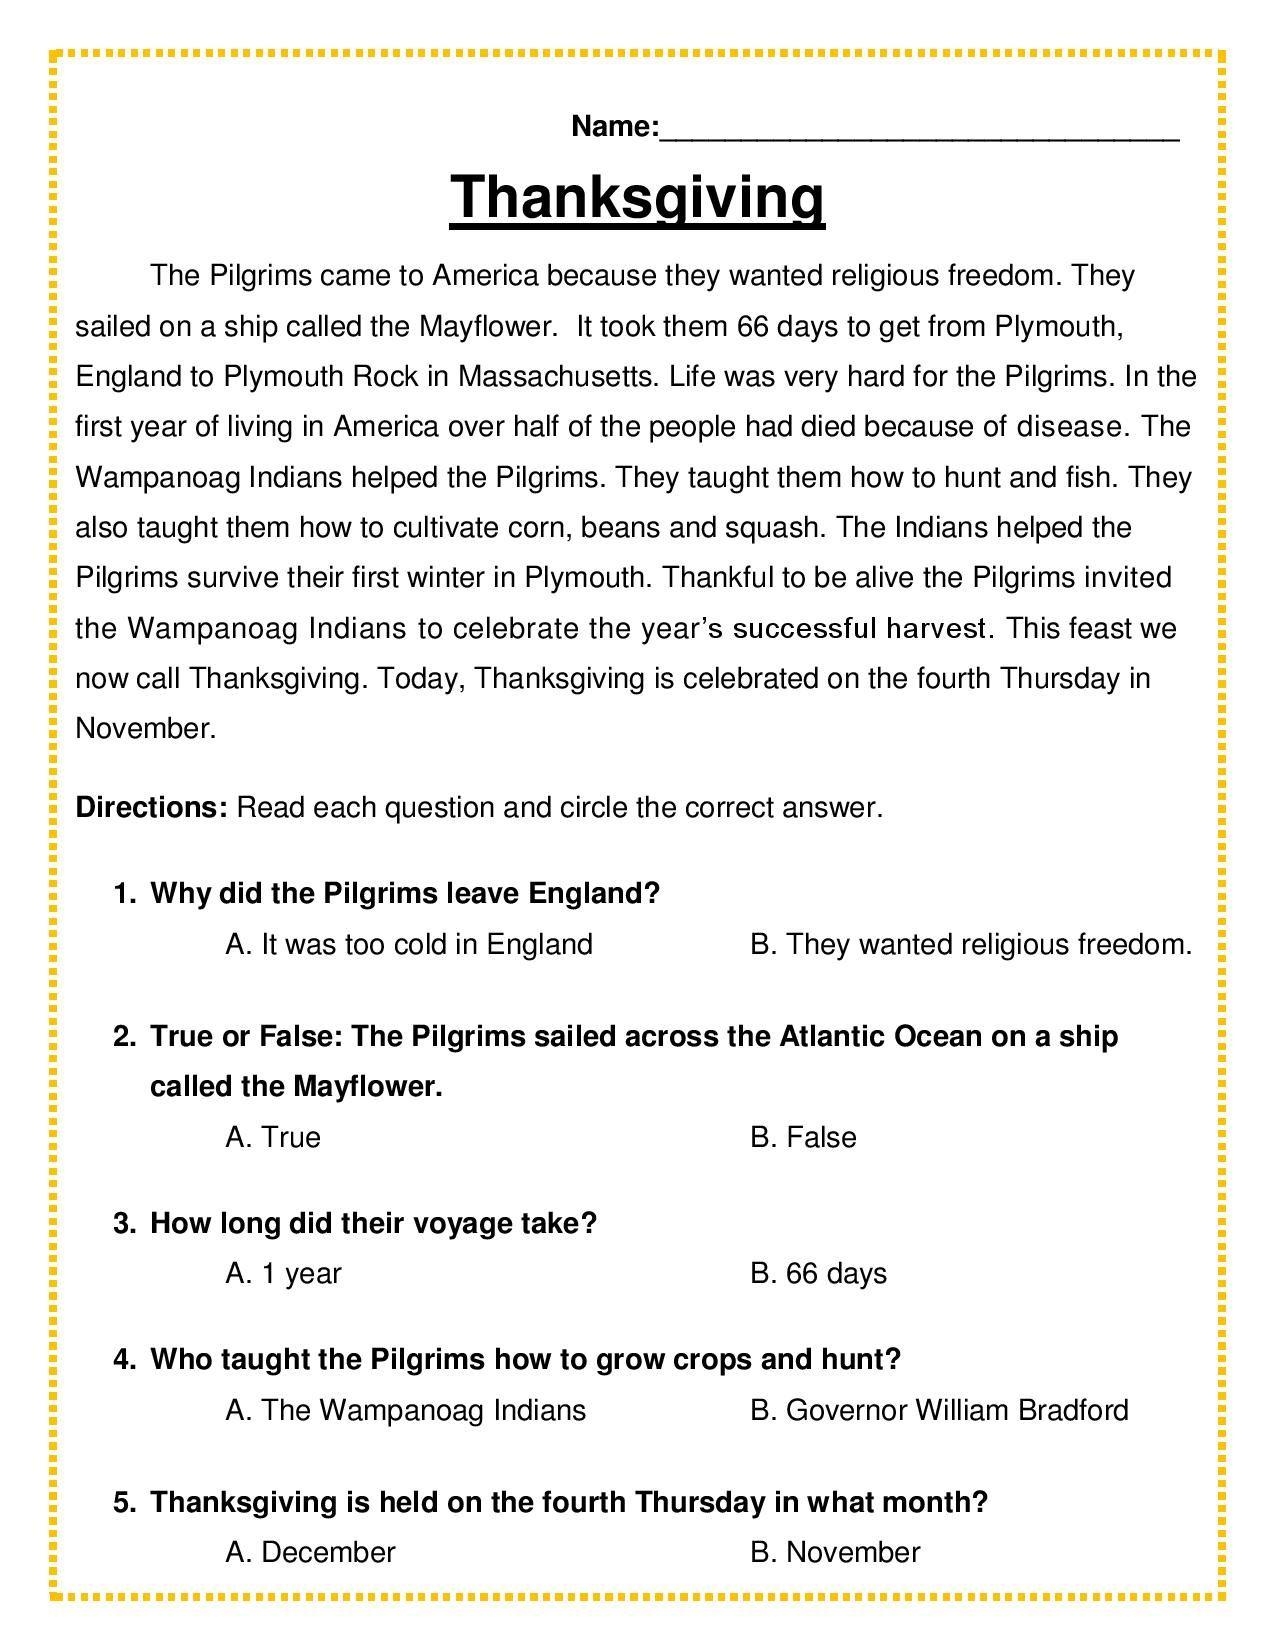 Quiz Thanksgiving Passage Amp 5 Multiple Choice Quiz